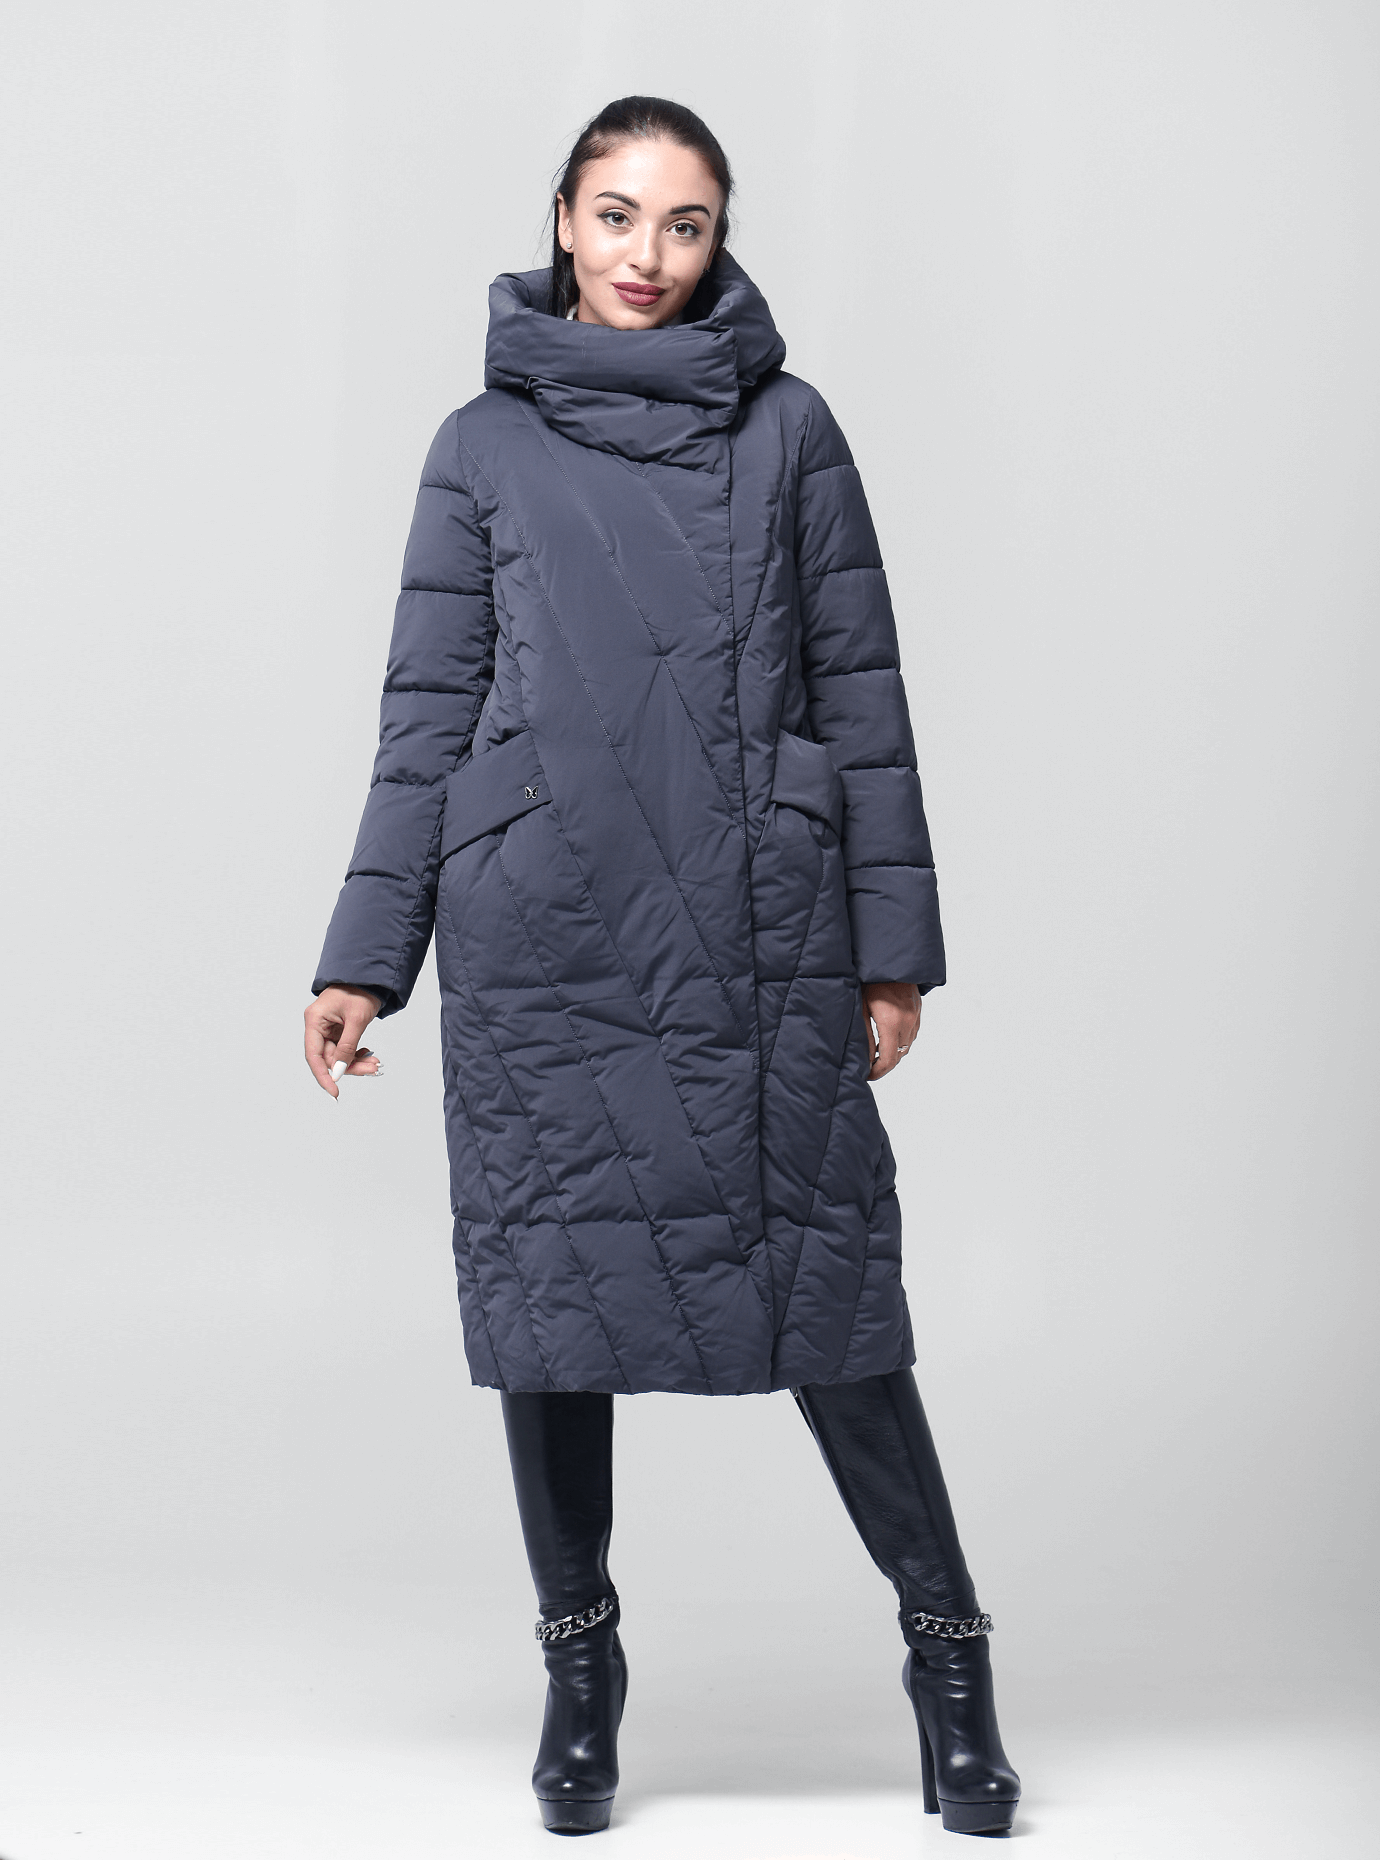 Пальто зимове довге Графітовий 44 (02-BF19152): фото - Alster.ua